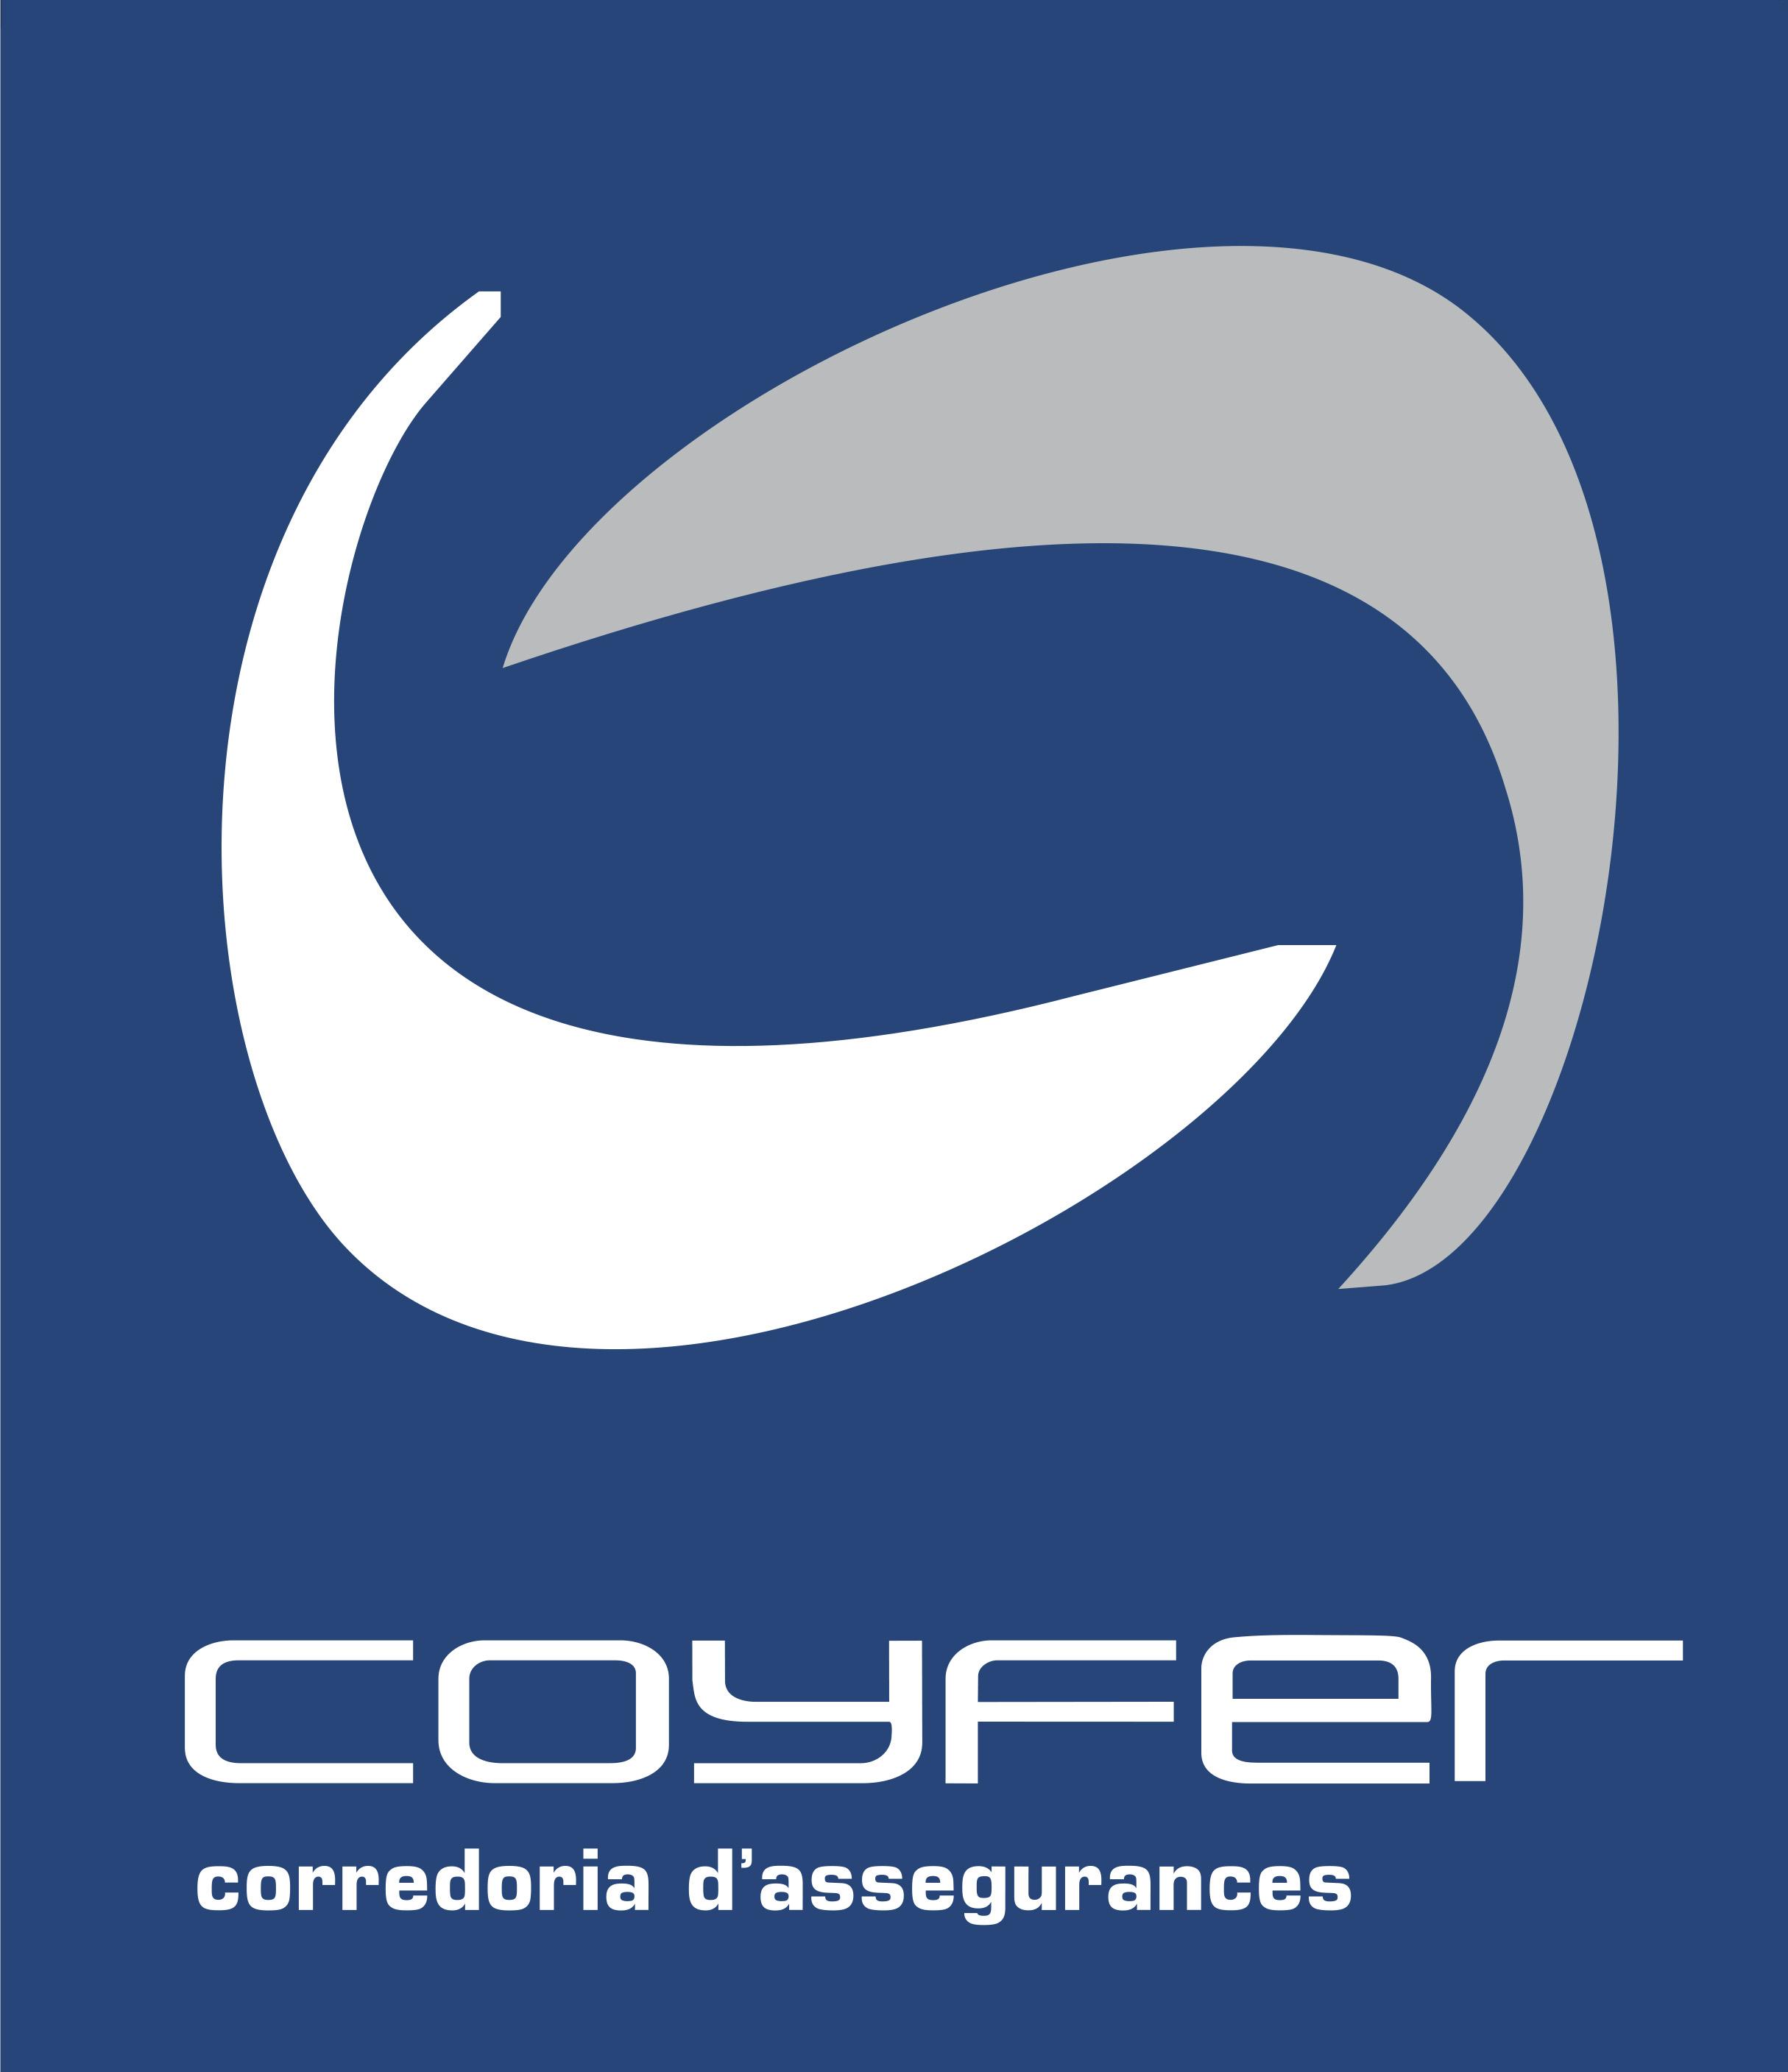 COYFER